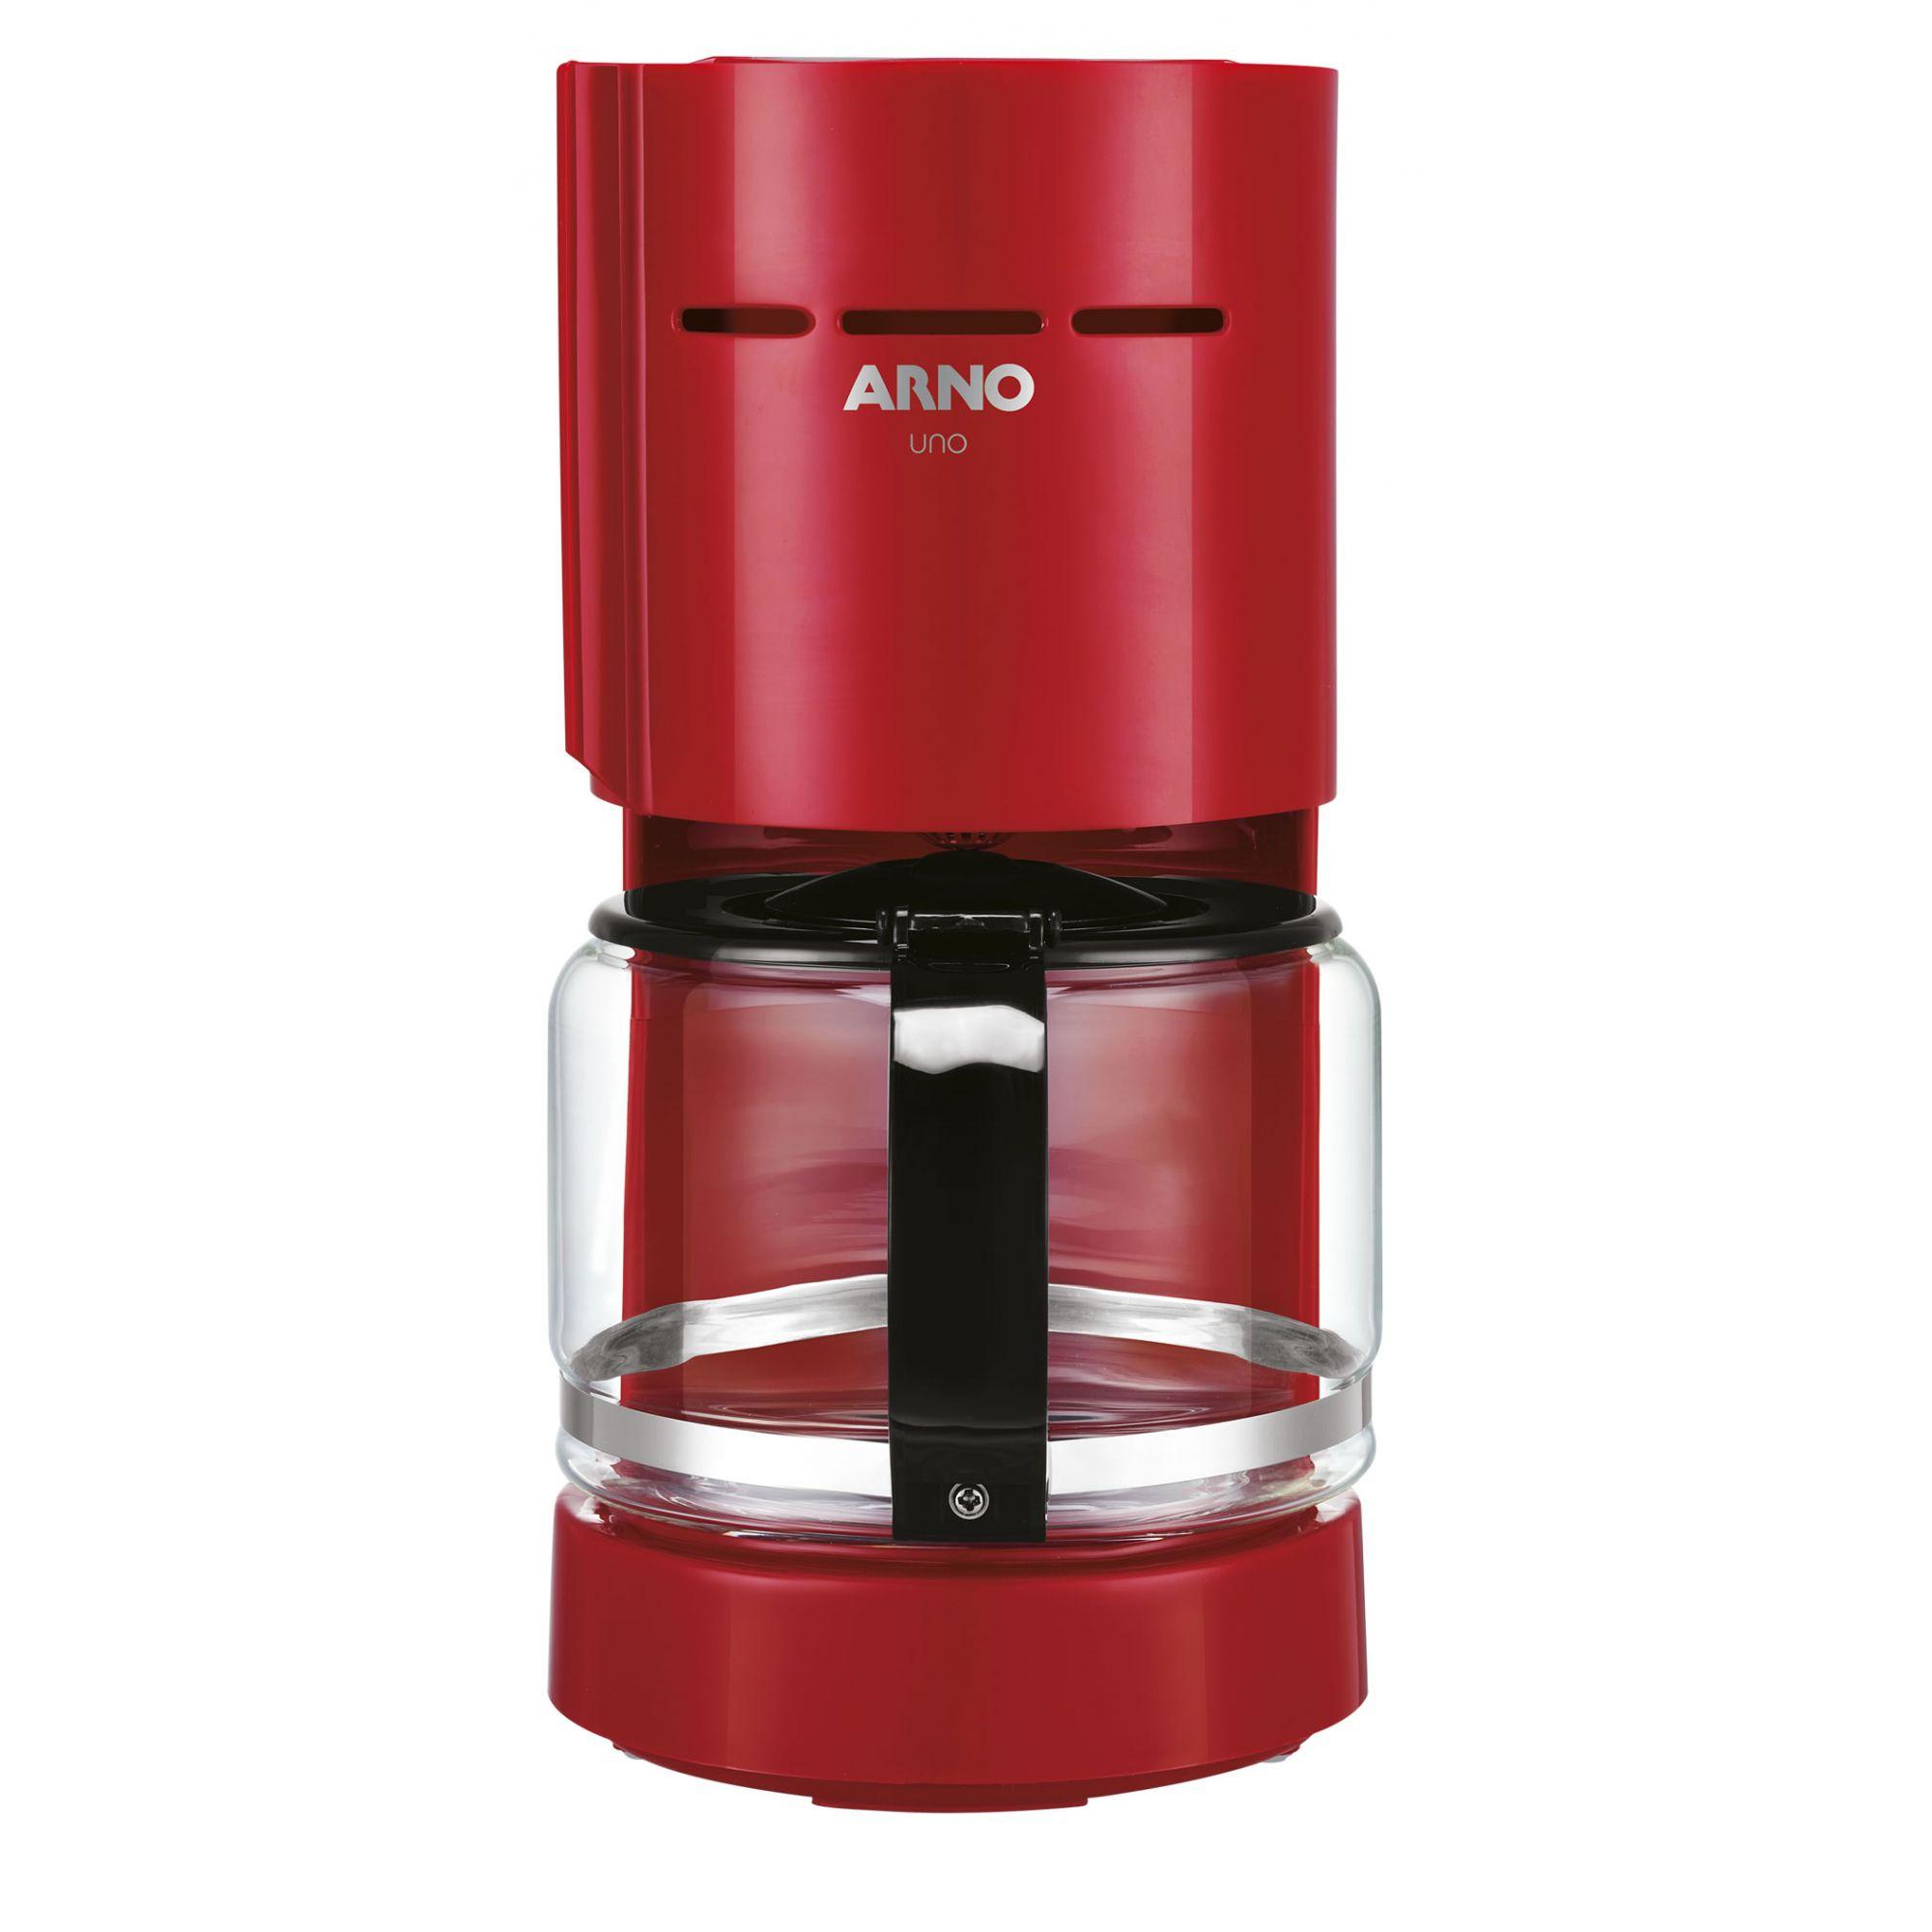 Cafeteira Arno Uno CF06 Vermelho